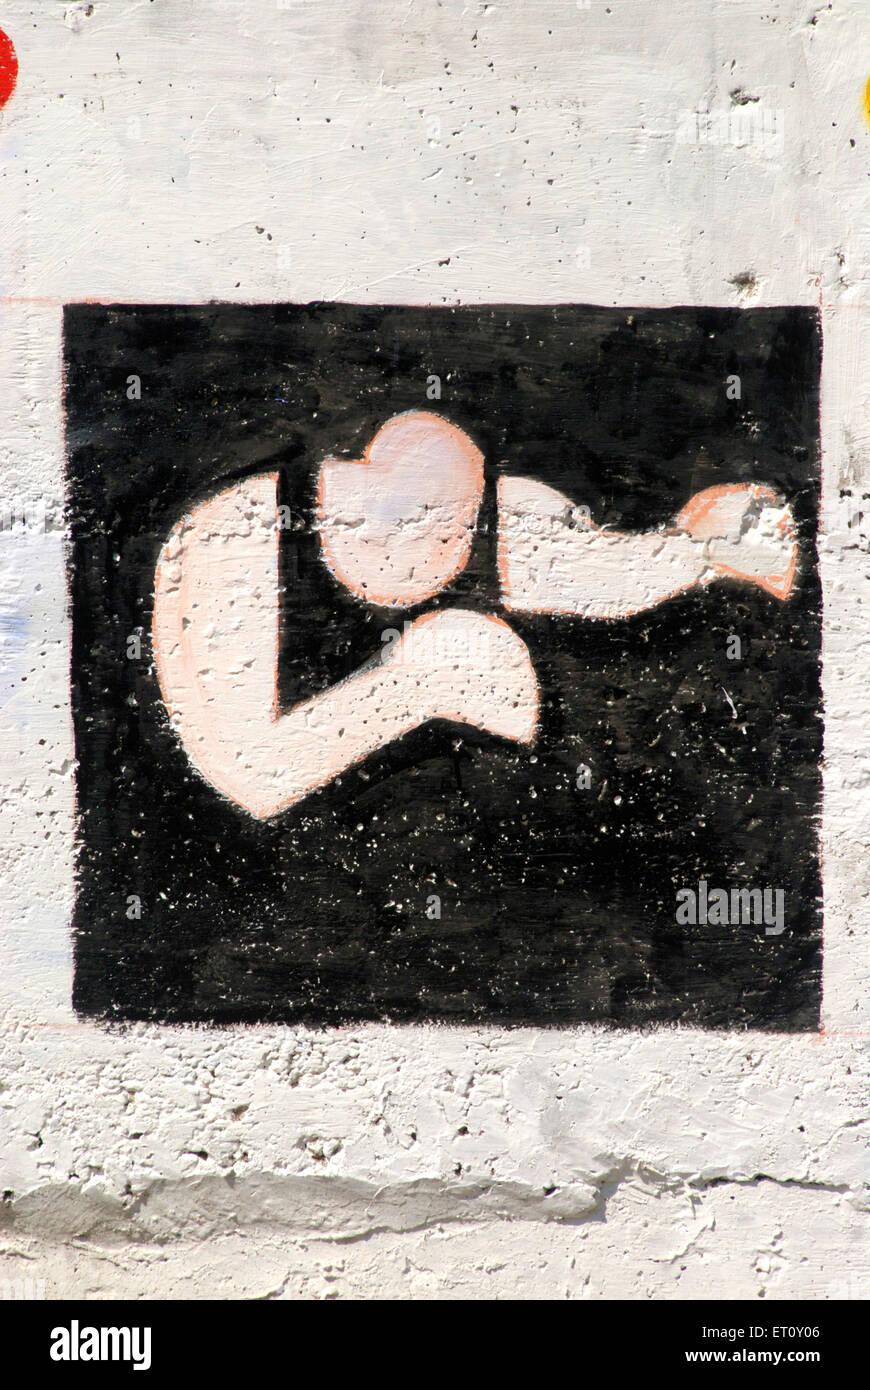 Il pugilato il pittogramma del III del Commonwealth Gioco della gioventù dipinta sulla parete di Rajiv Gandhi Immagini Stock